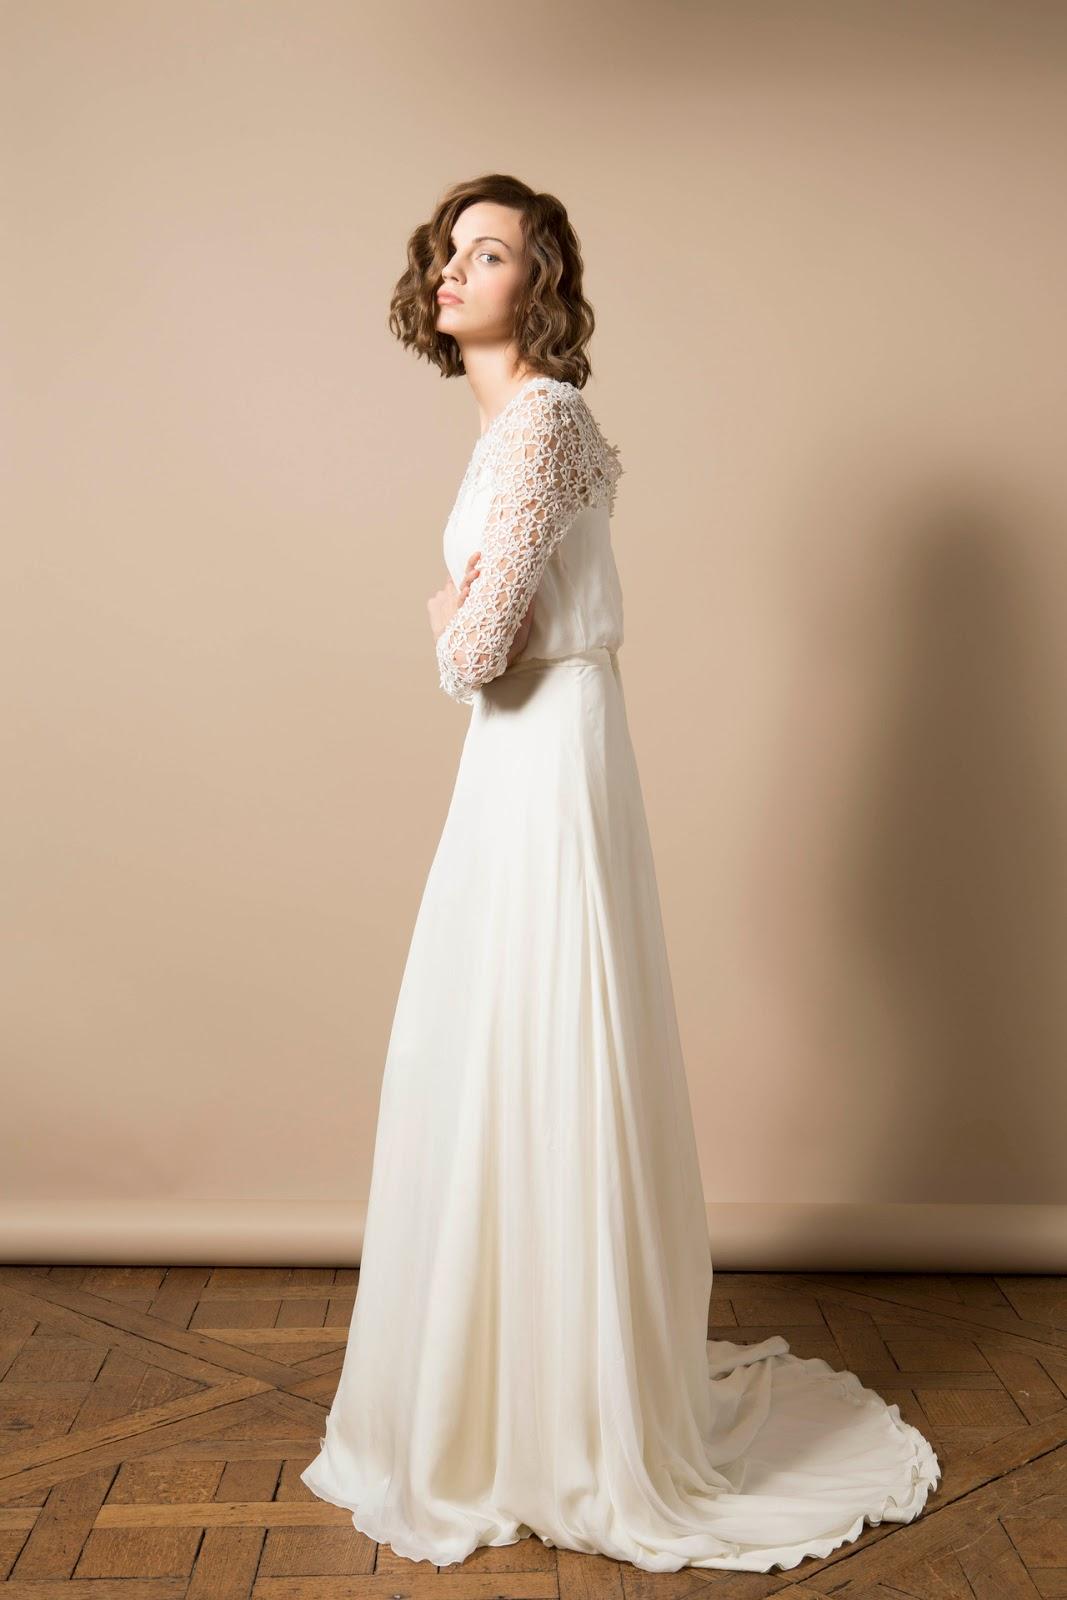 Vestido Novia 2014 Delphine Manivet